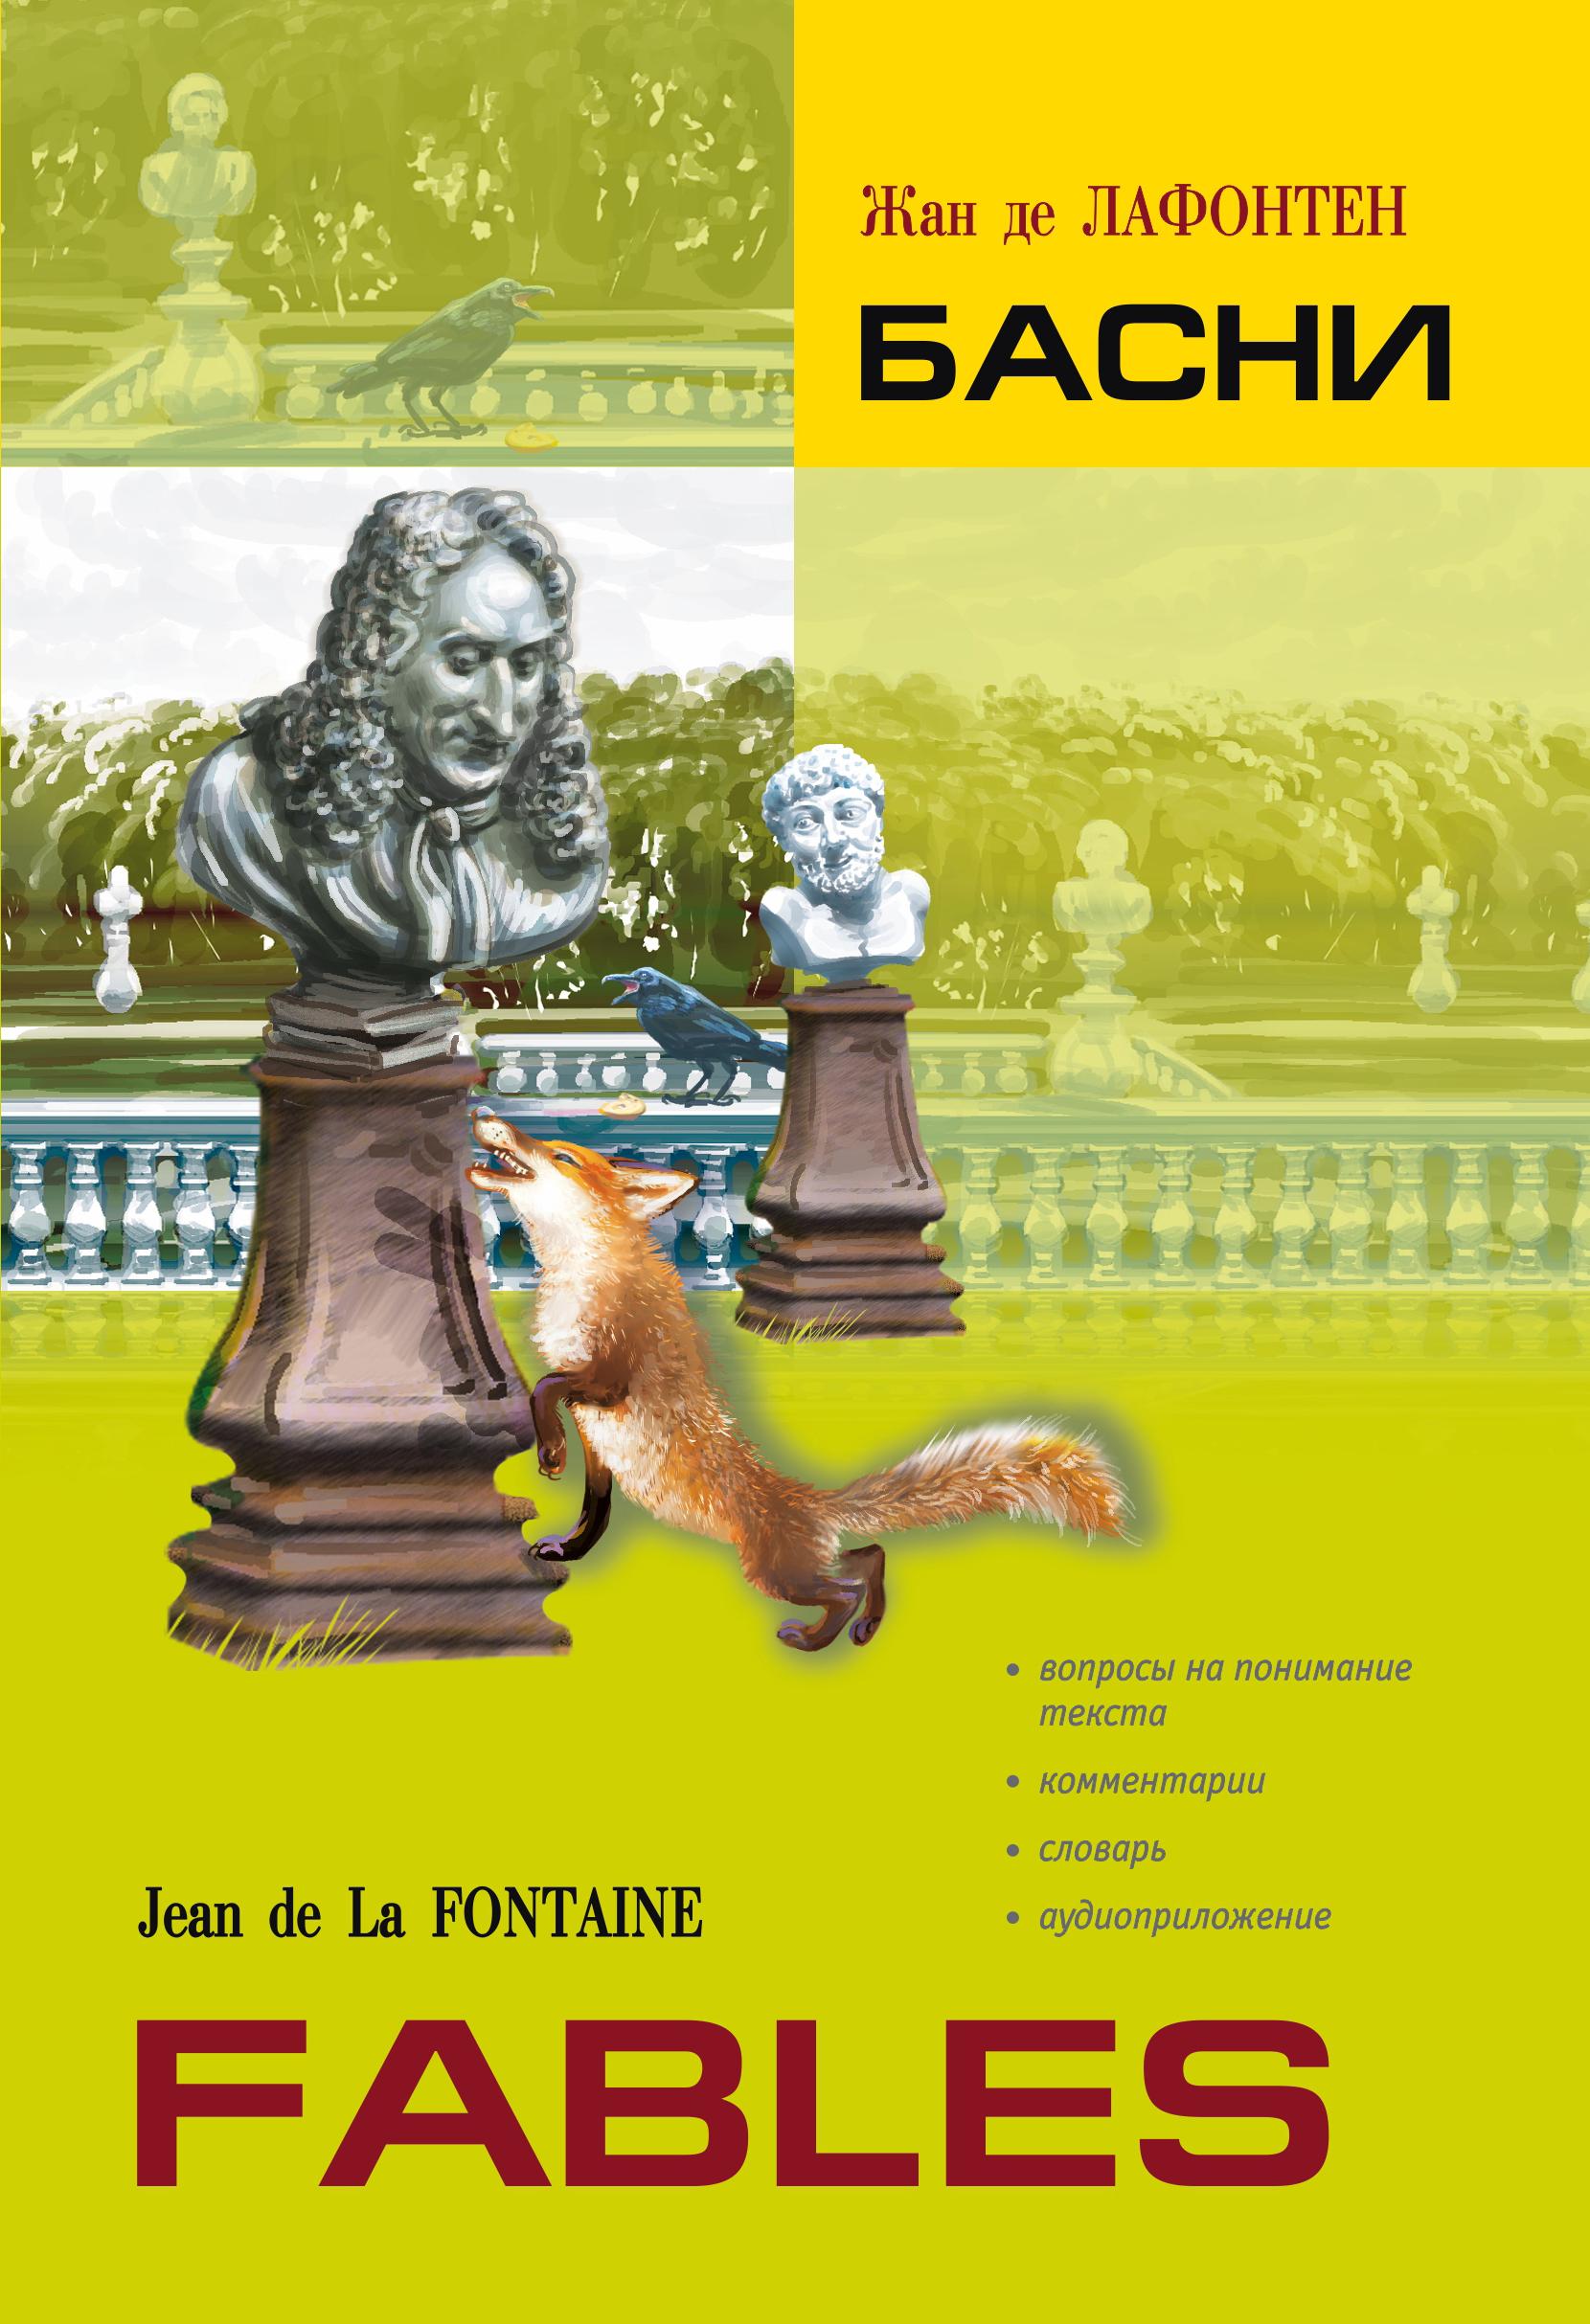 Жан де Лафонтен Басни. Книга для чтения на французском языке доде а прекрасная нивернезка la belle nivernaise книга для чтения на французском языке адаптир mp3 каро